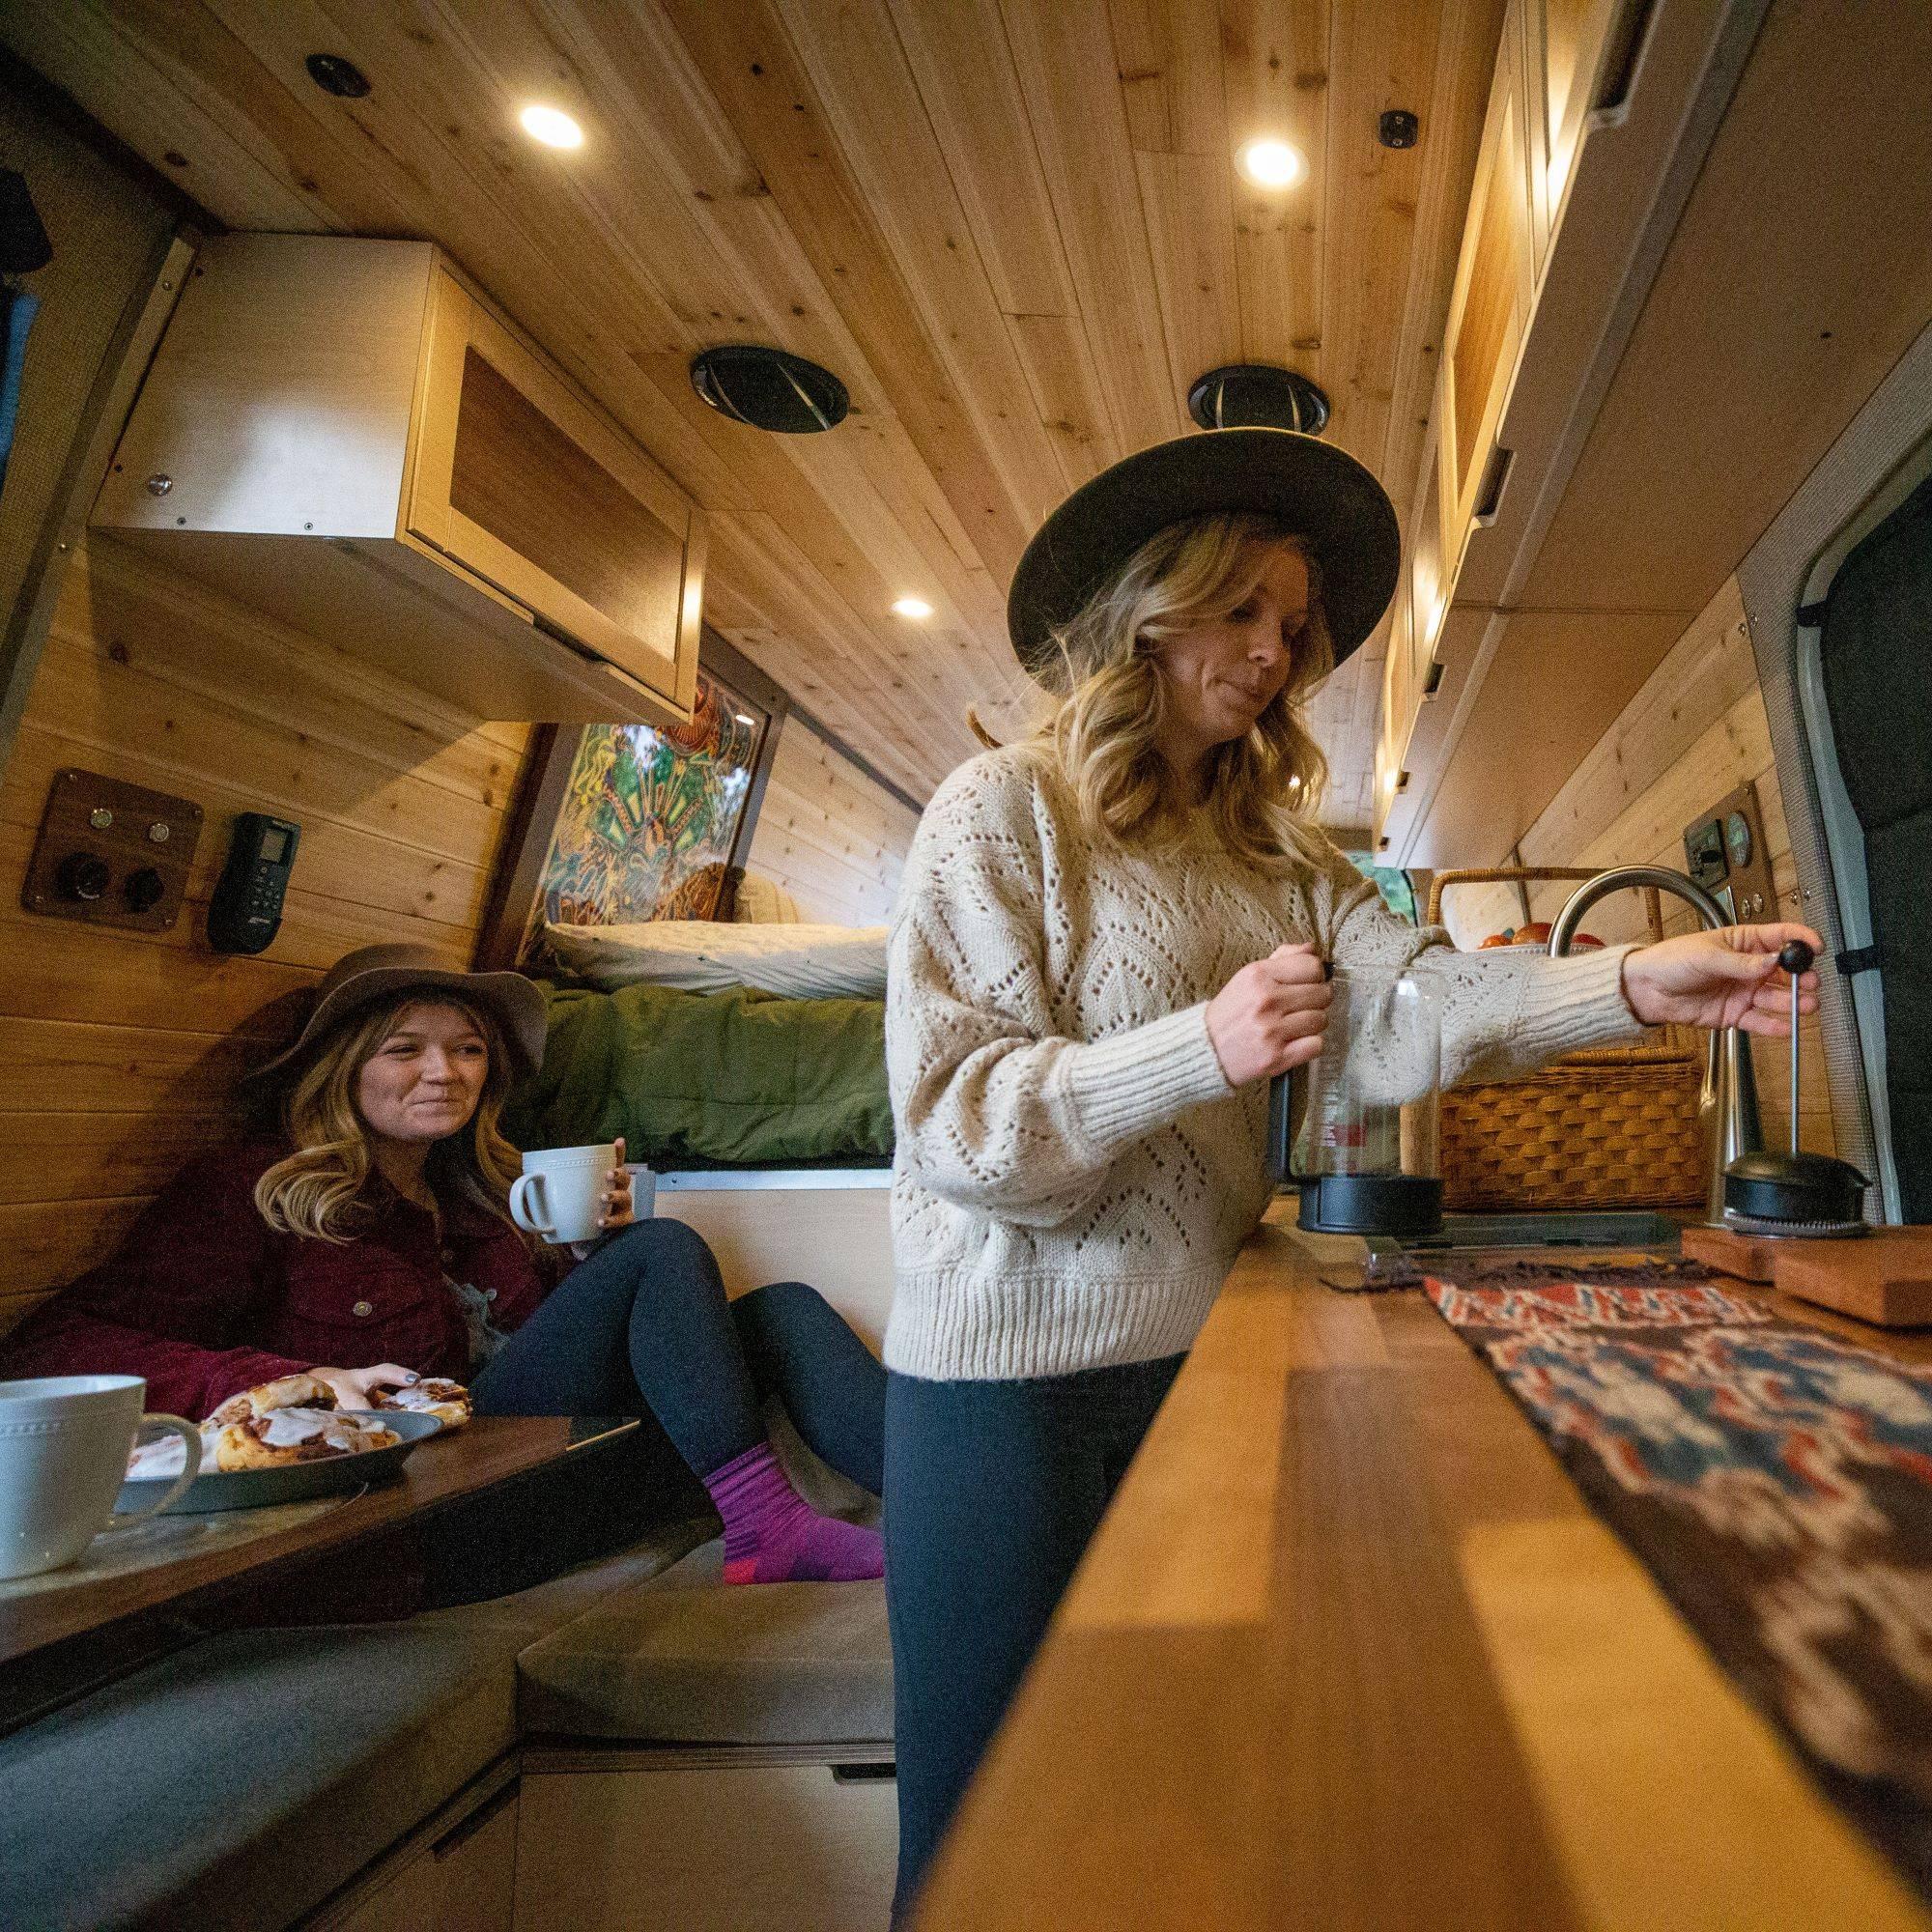 Custom Camper Van Conversion Interior by The Vansmith in Boulder, Colorado